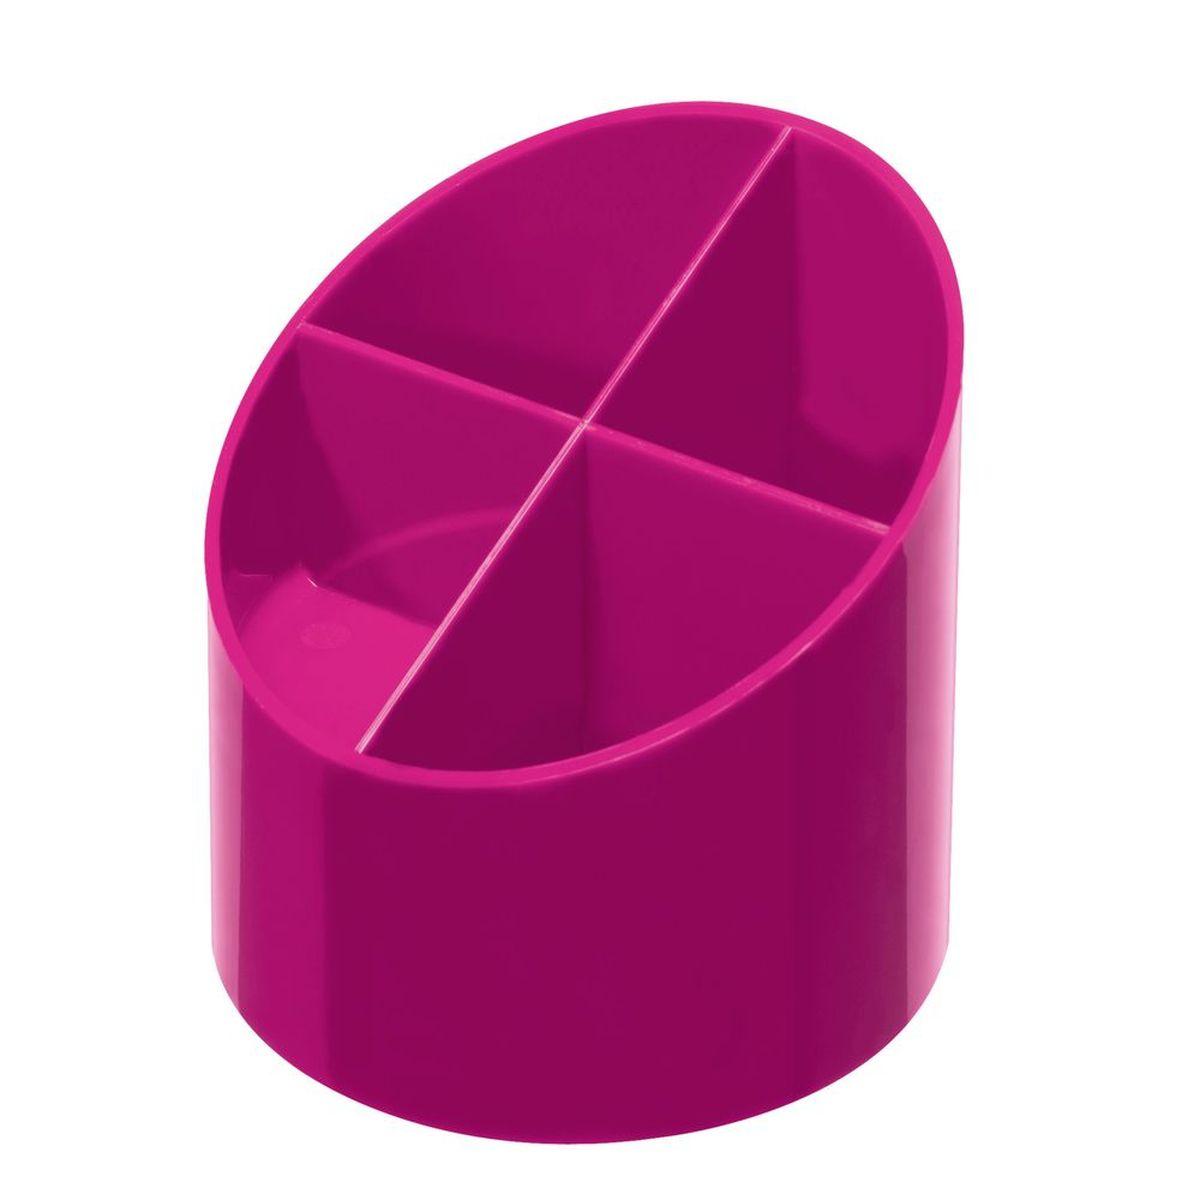 Herlitz Подставка для канцелярских принадлежностей Colour Blocking цвет розовый -  Органайзеры, настольные наборы